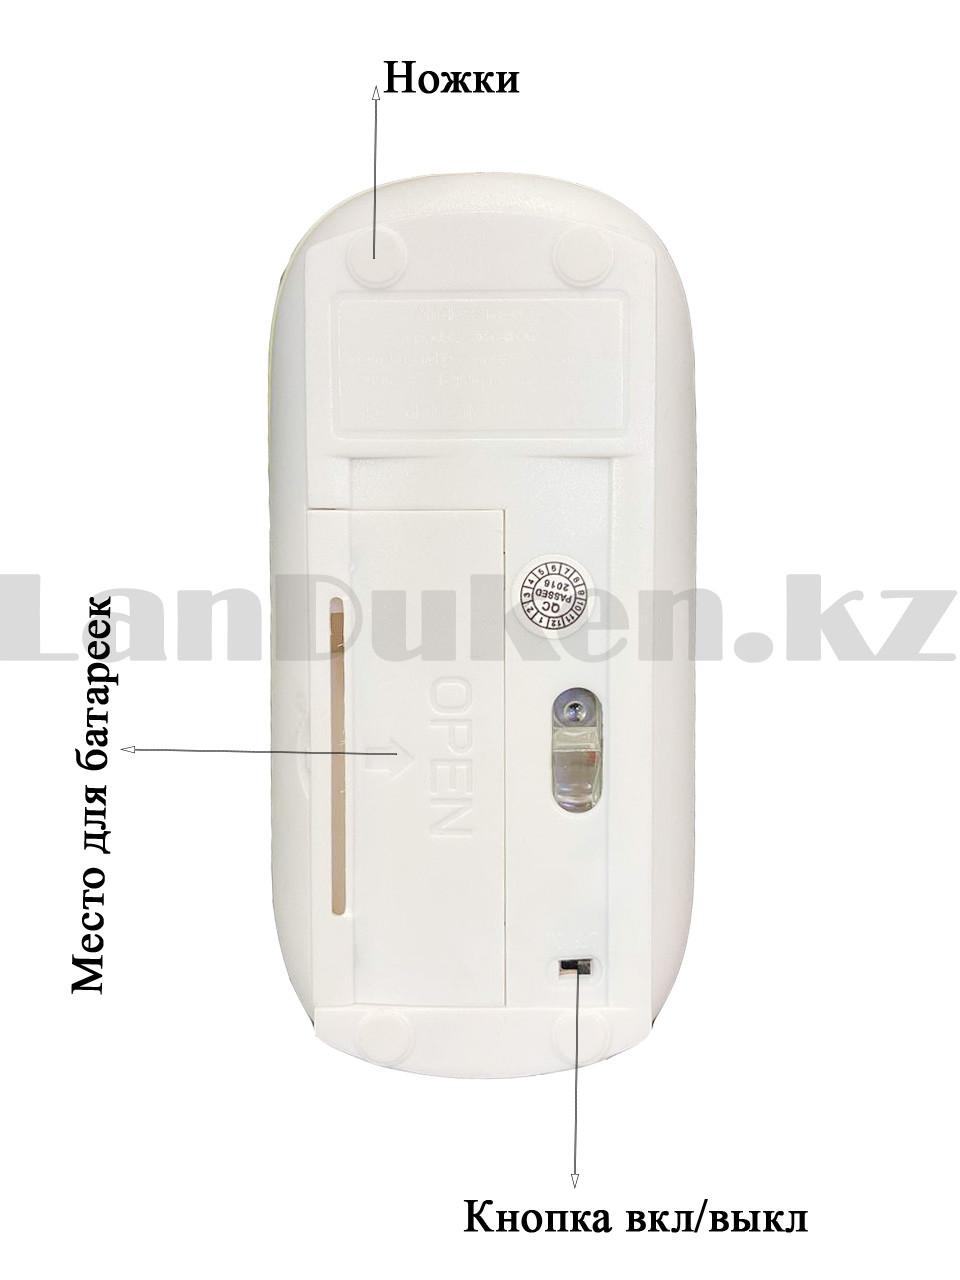 Компьютерная мышь беспроводная оптическая тонкая 1600 dpi USB Mini Good Wireless Mouse зеленая - фото 4